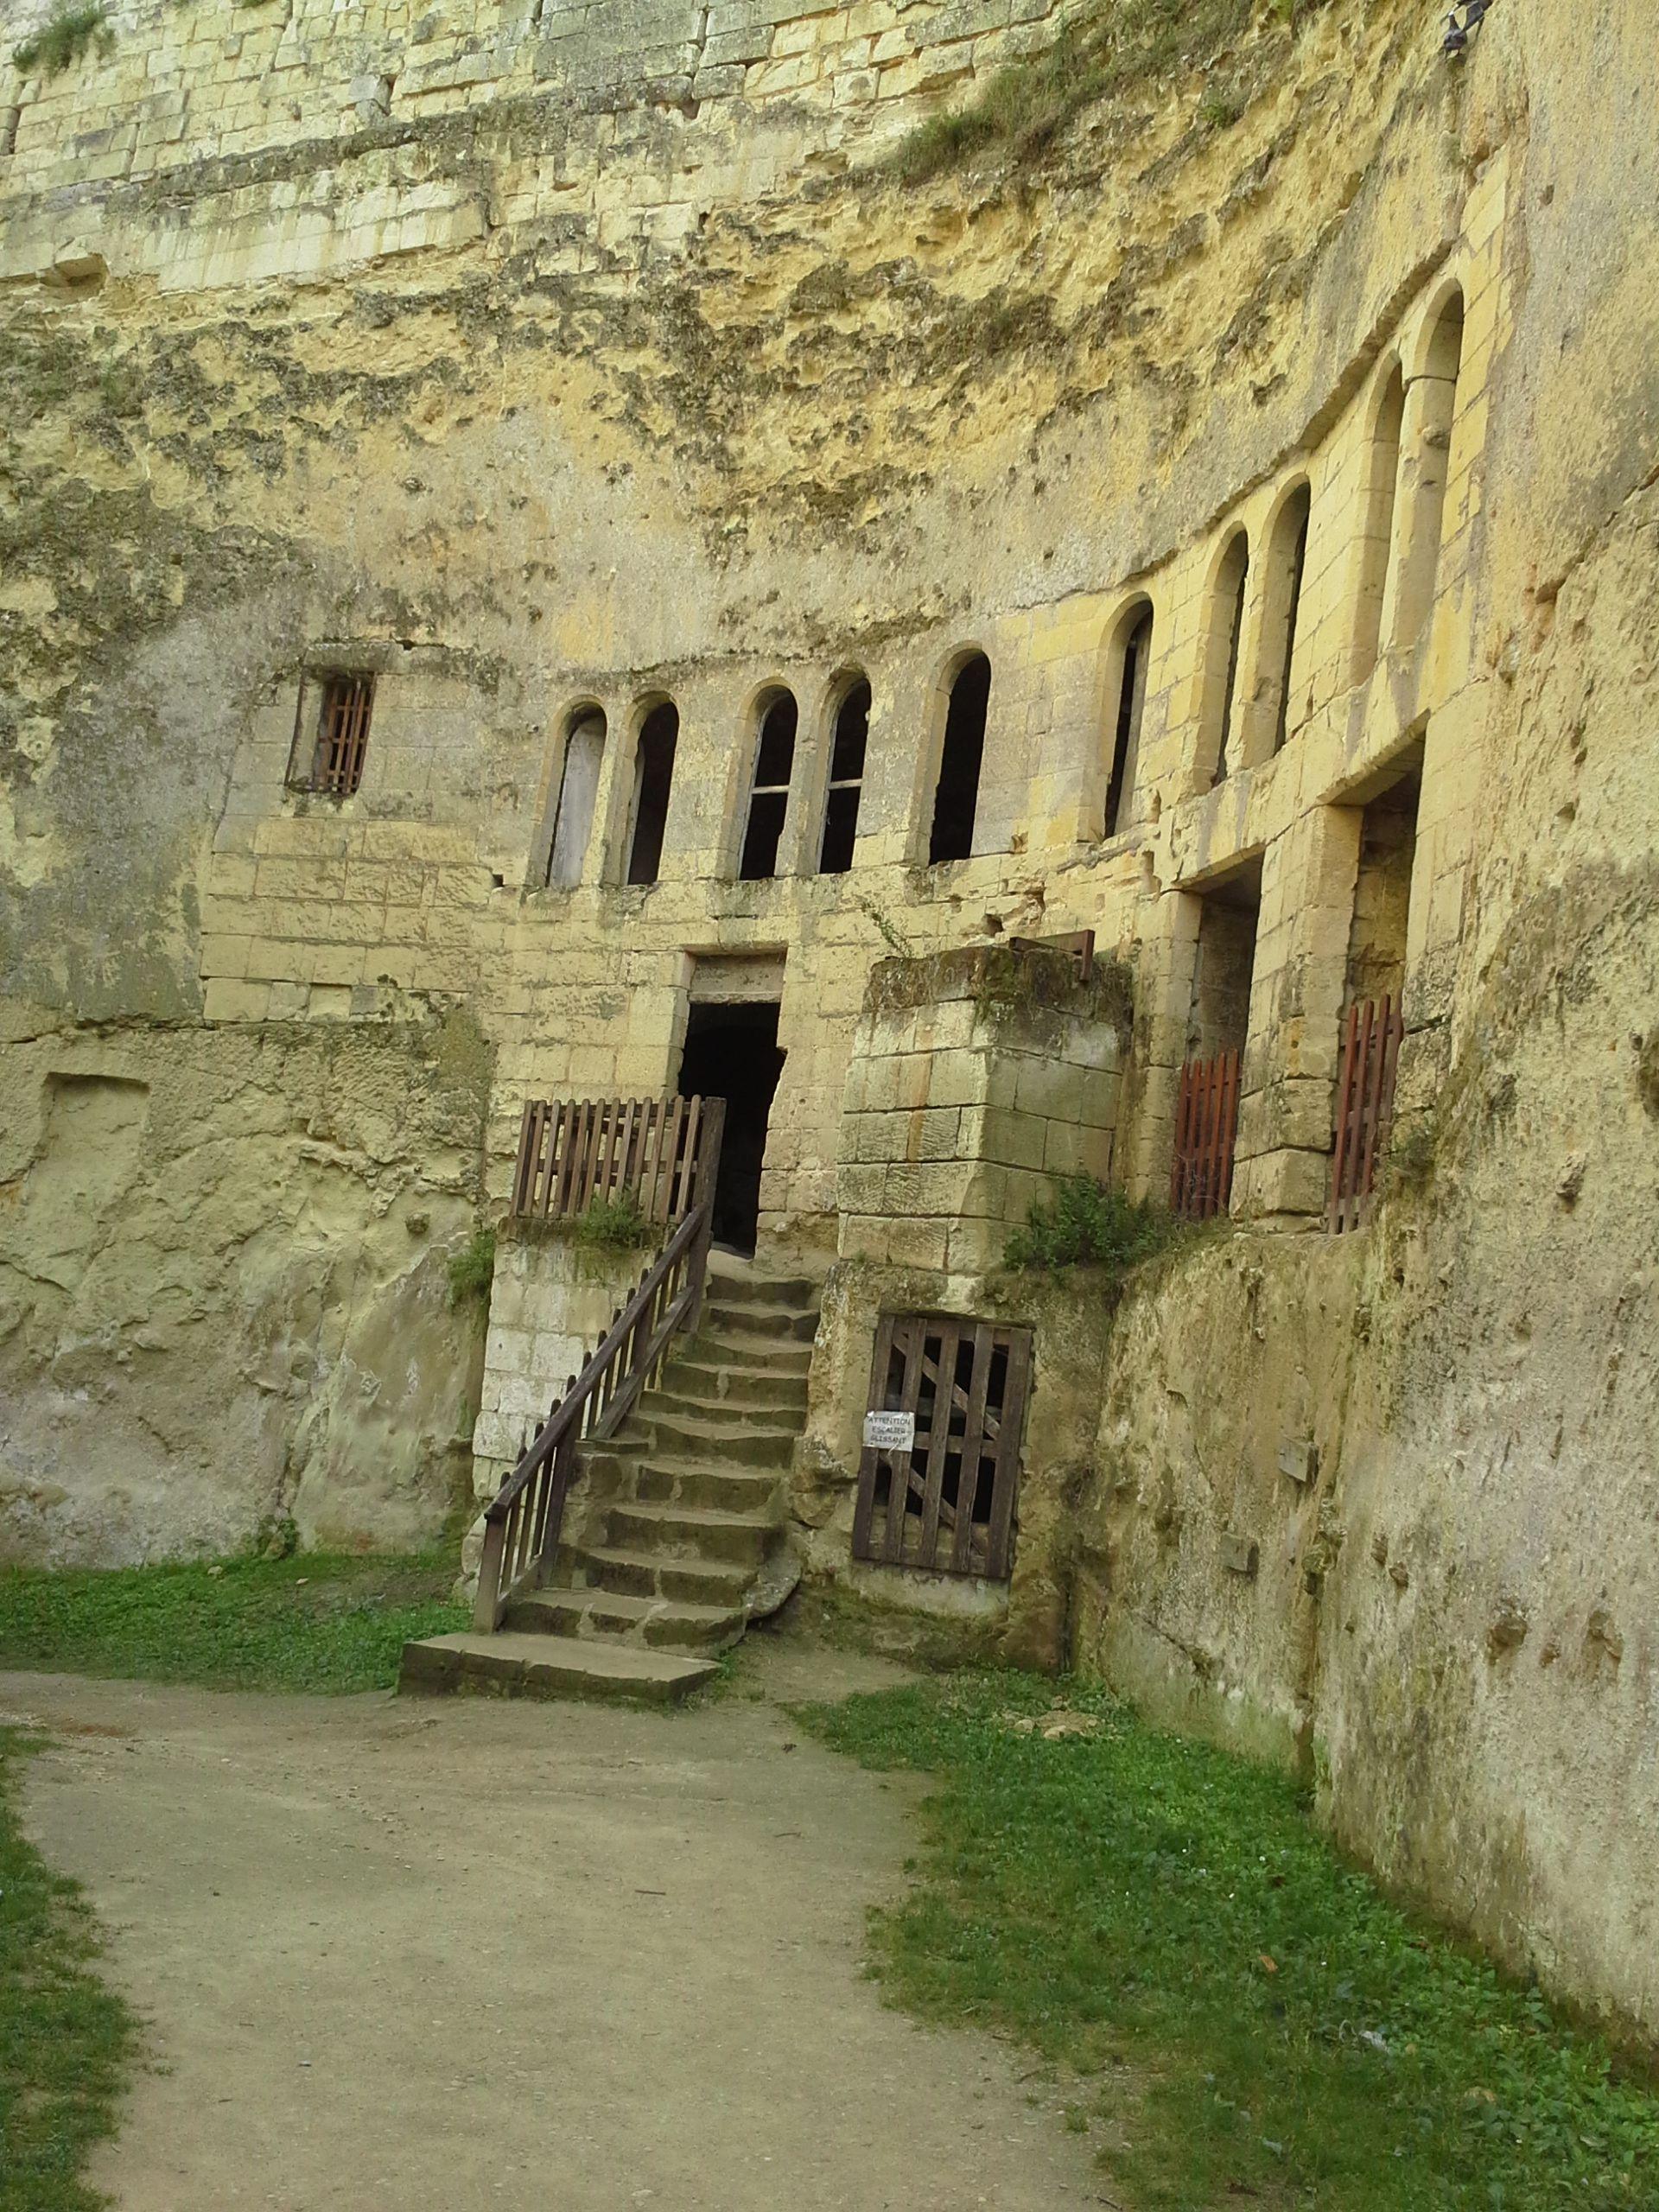 chateau de breze loire valley france troglodyte caves architecture rural pinterest loire. Black Bedroom Furniture Sets. Home Design Ideas